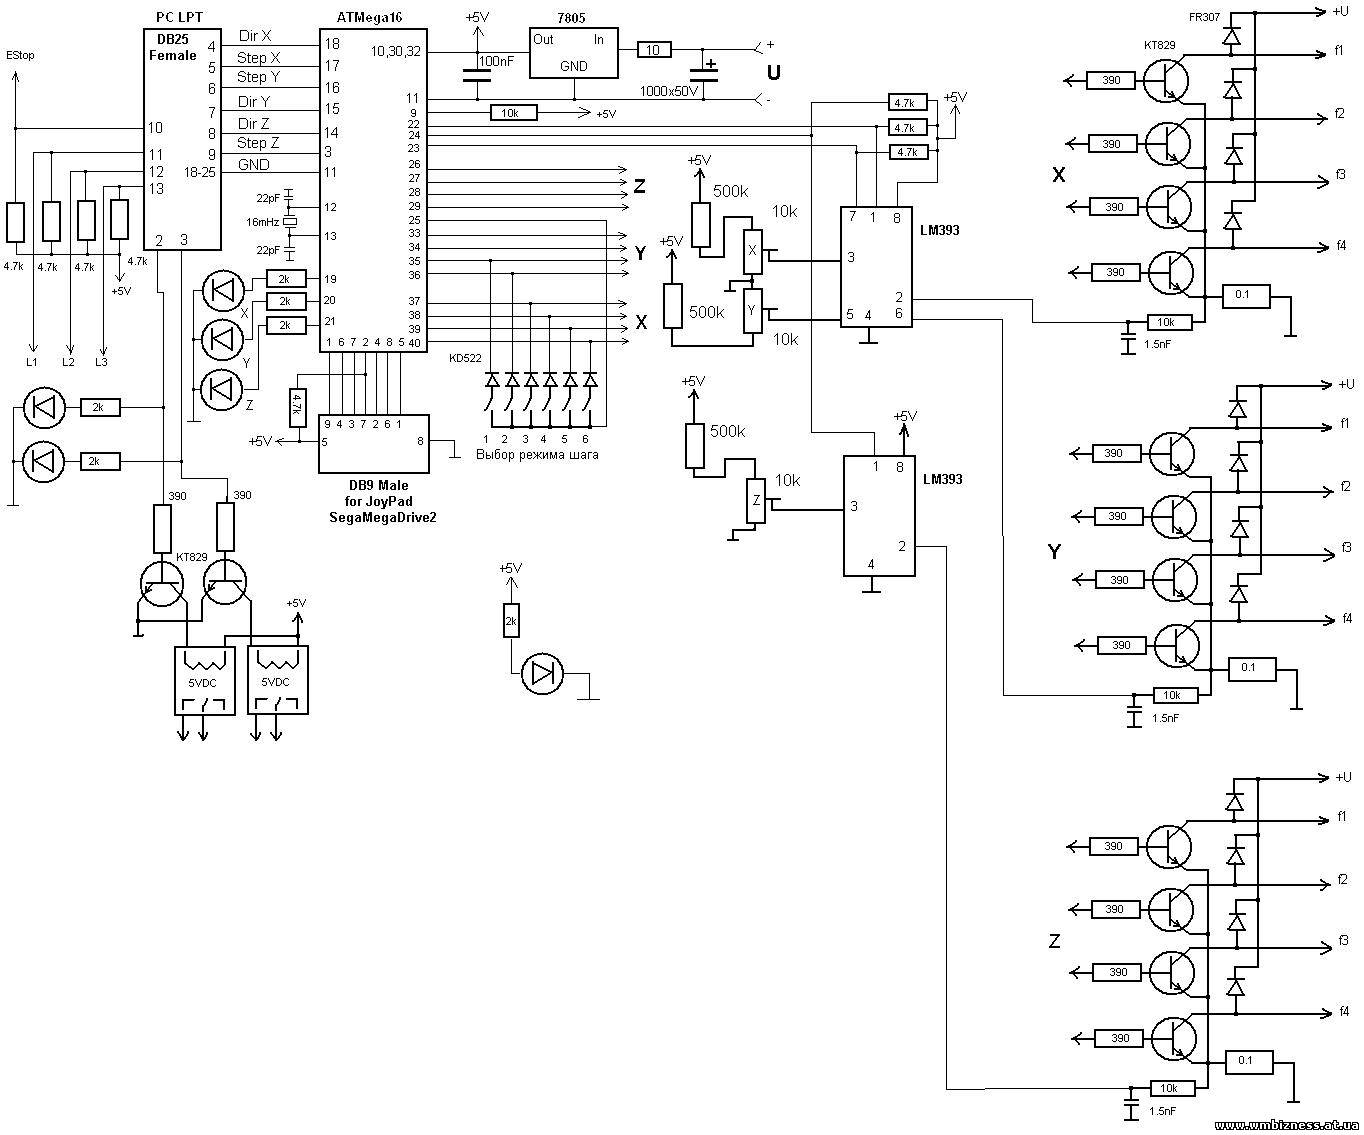 униполярный двигатель схема контроллера